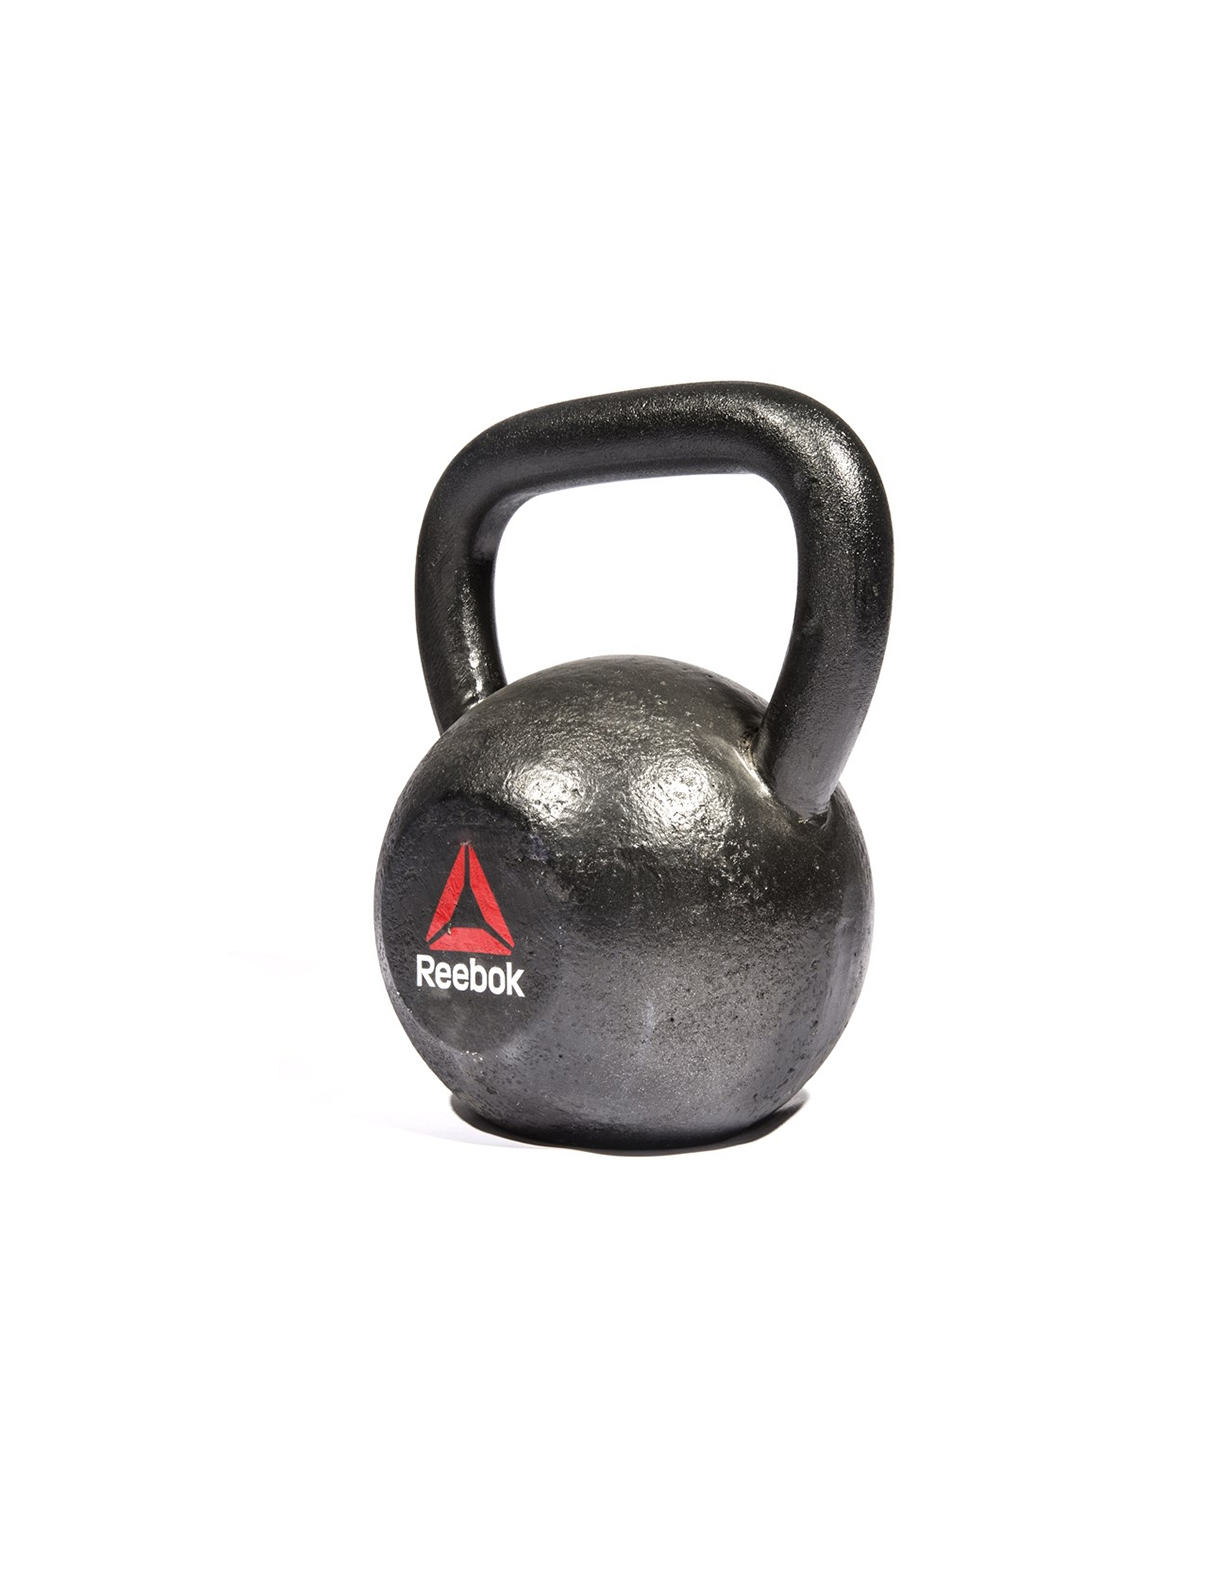 RSWT-12304 - Kettlebell - 28kg